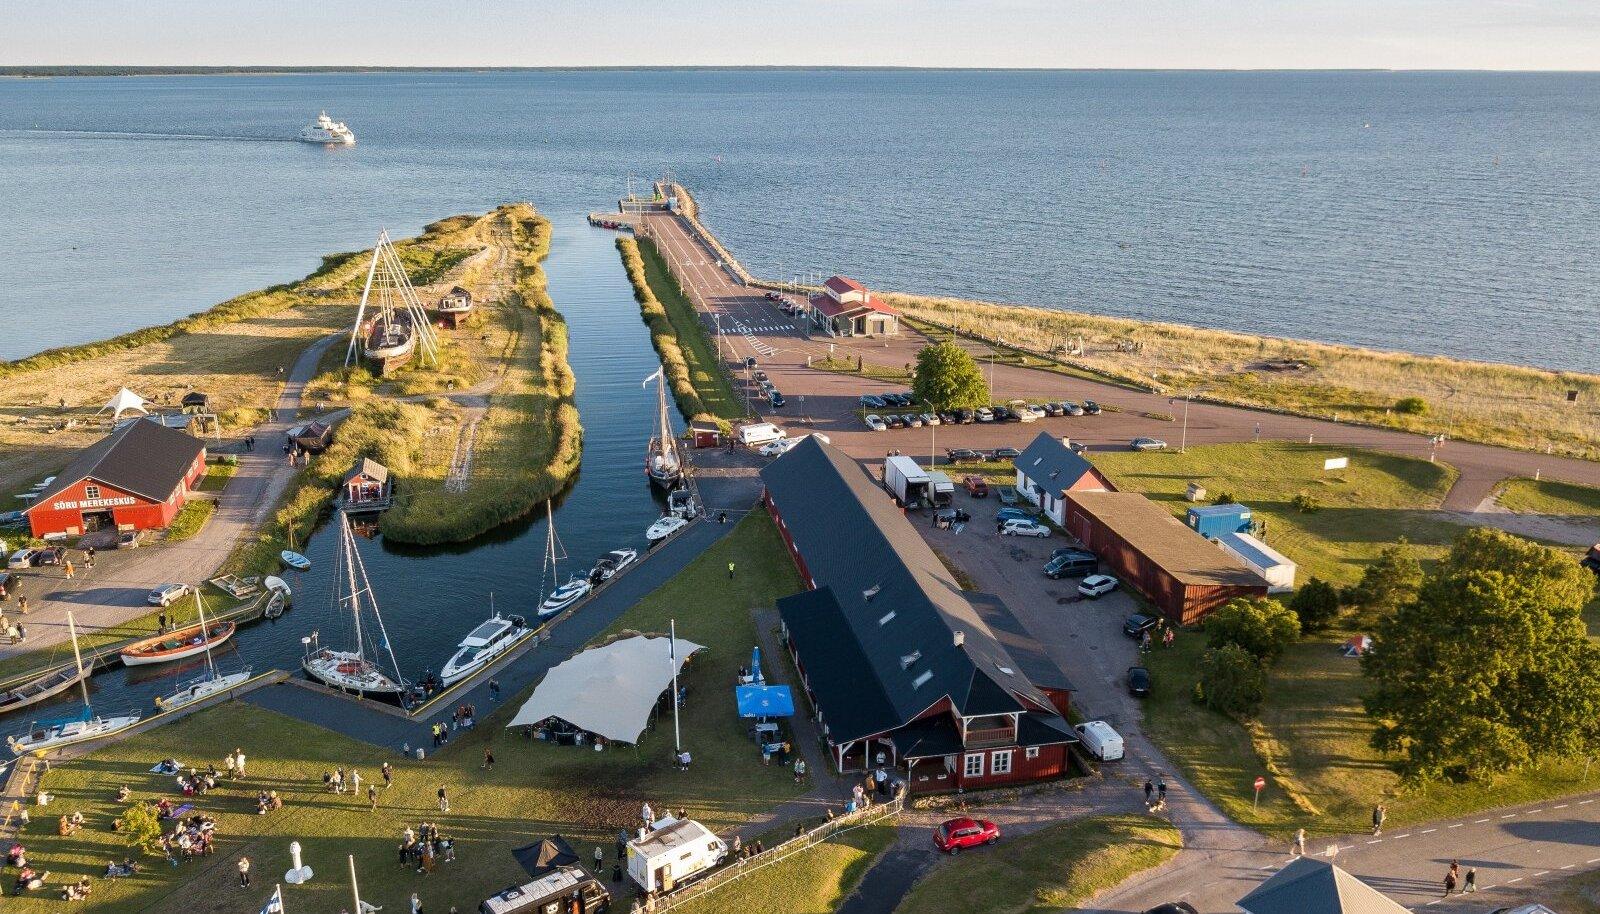 Üritused täidavad Sõru jahisadama suviti meluga, samuti peetakse sadama kaudu laevaühendust Saaremaaga.